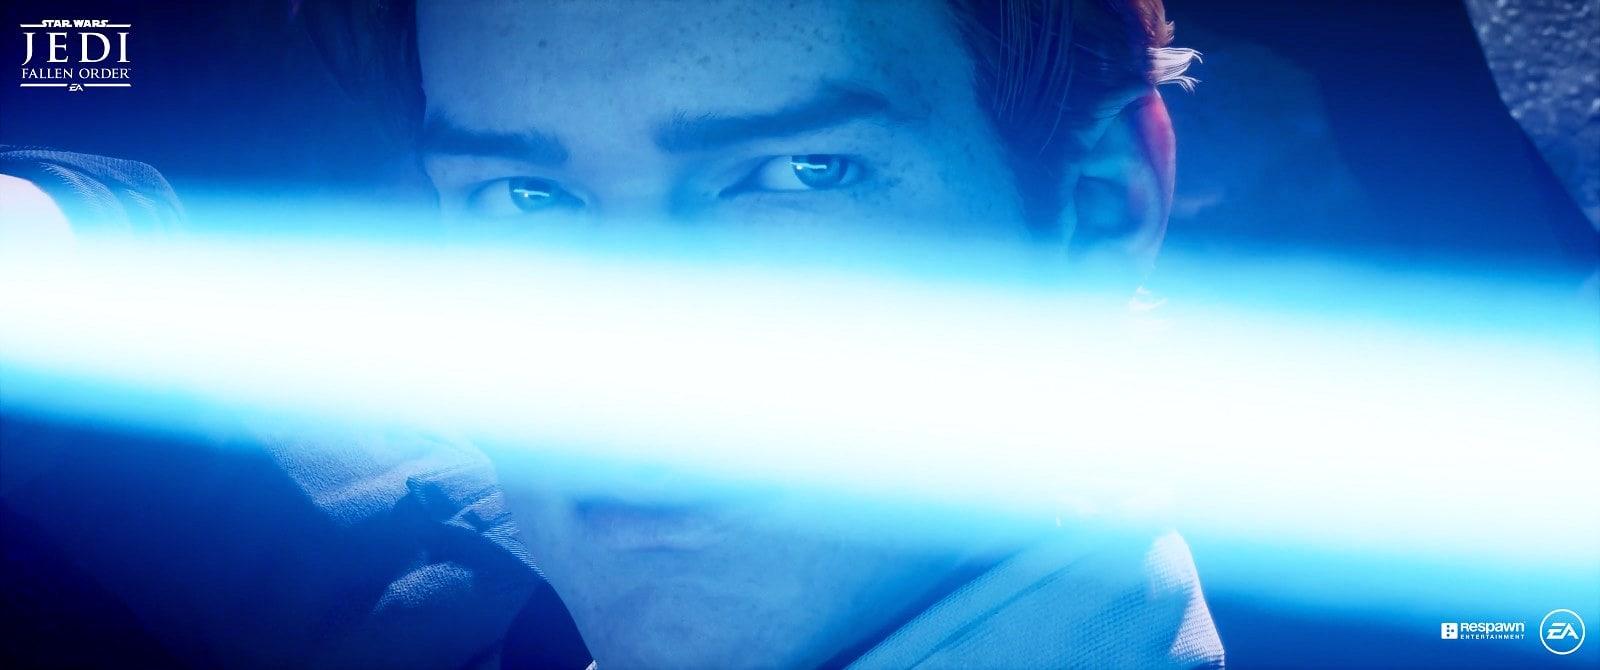 Mit Star Wars Jedi Fallen Order ist ein neues Spiel aus dem bekannten Star Wars Universum erhältlich und es ist tatsächlich gelungen...